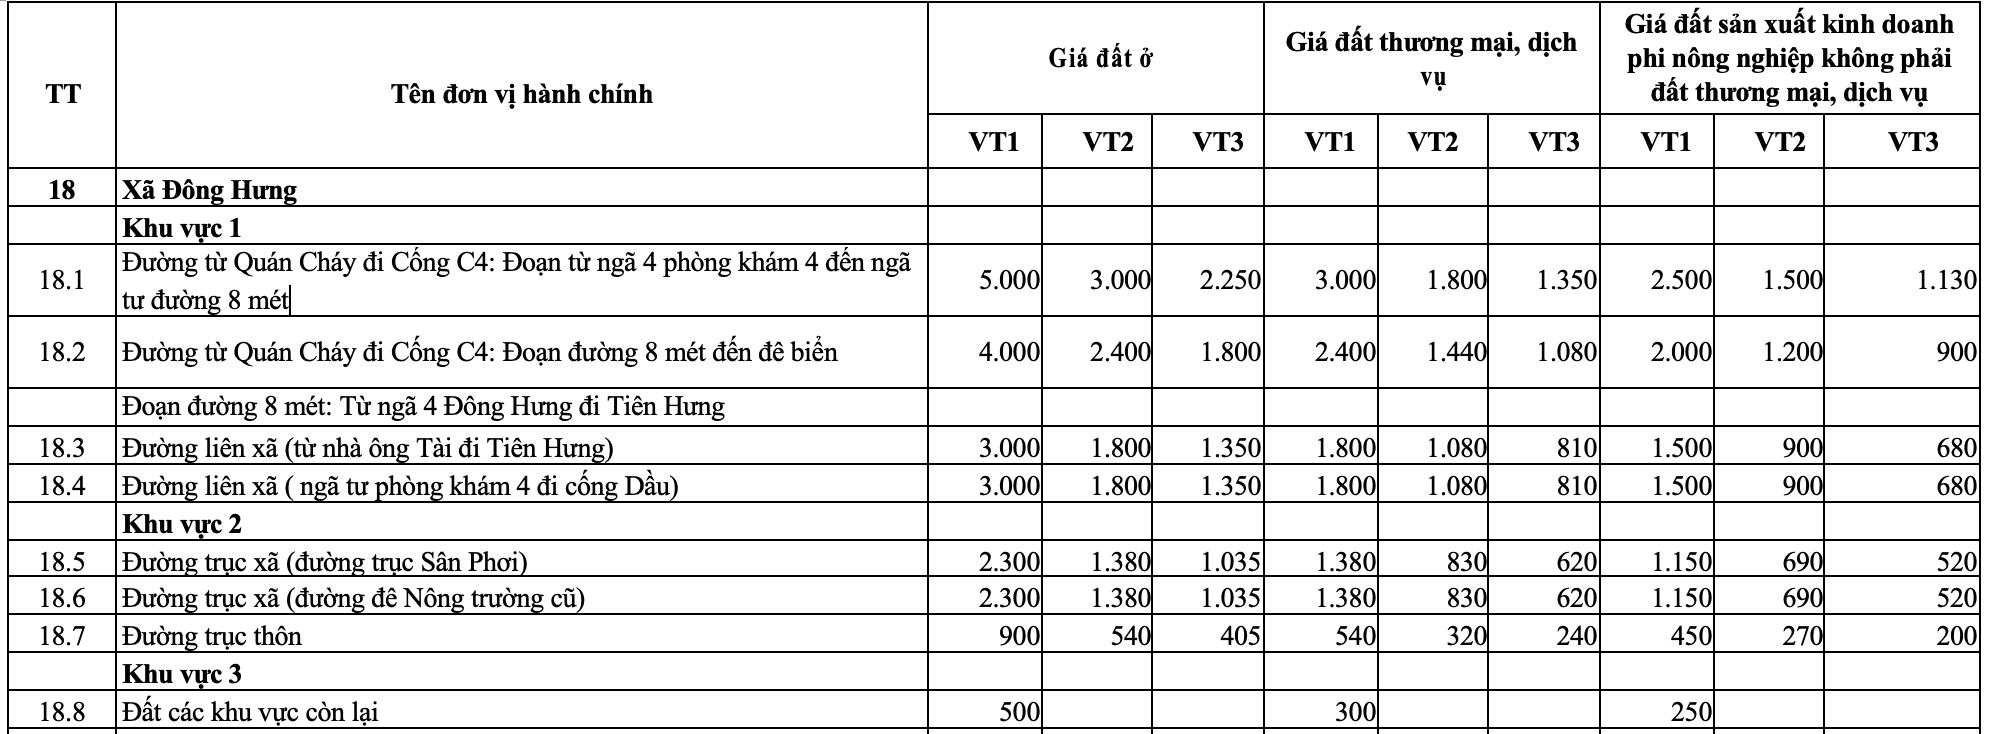 Giá đất 4 xã trong vùng quy hoạch sân bay Tiên Lãng, Hải Phòng - Ảnh 3.